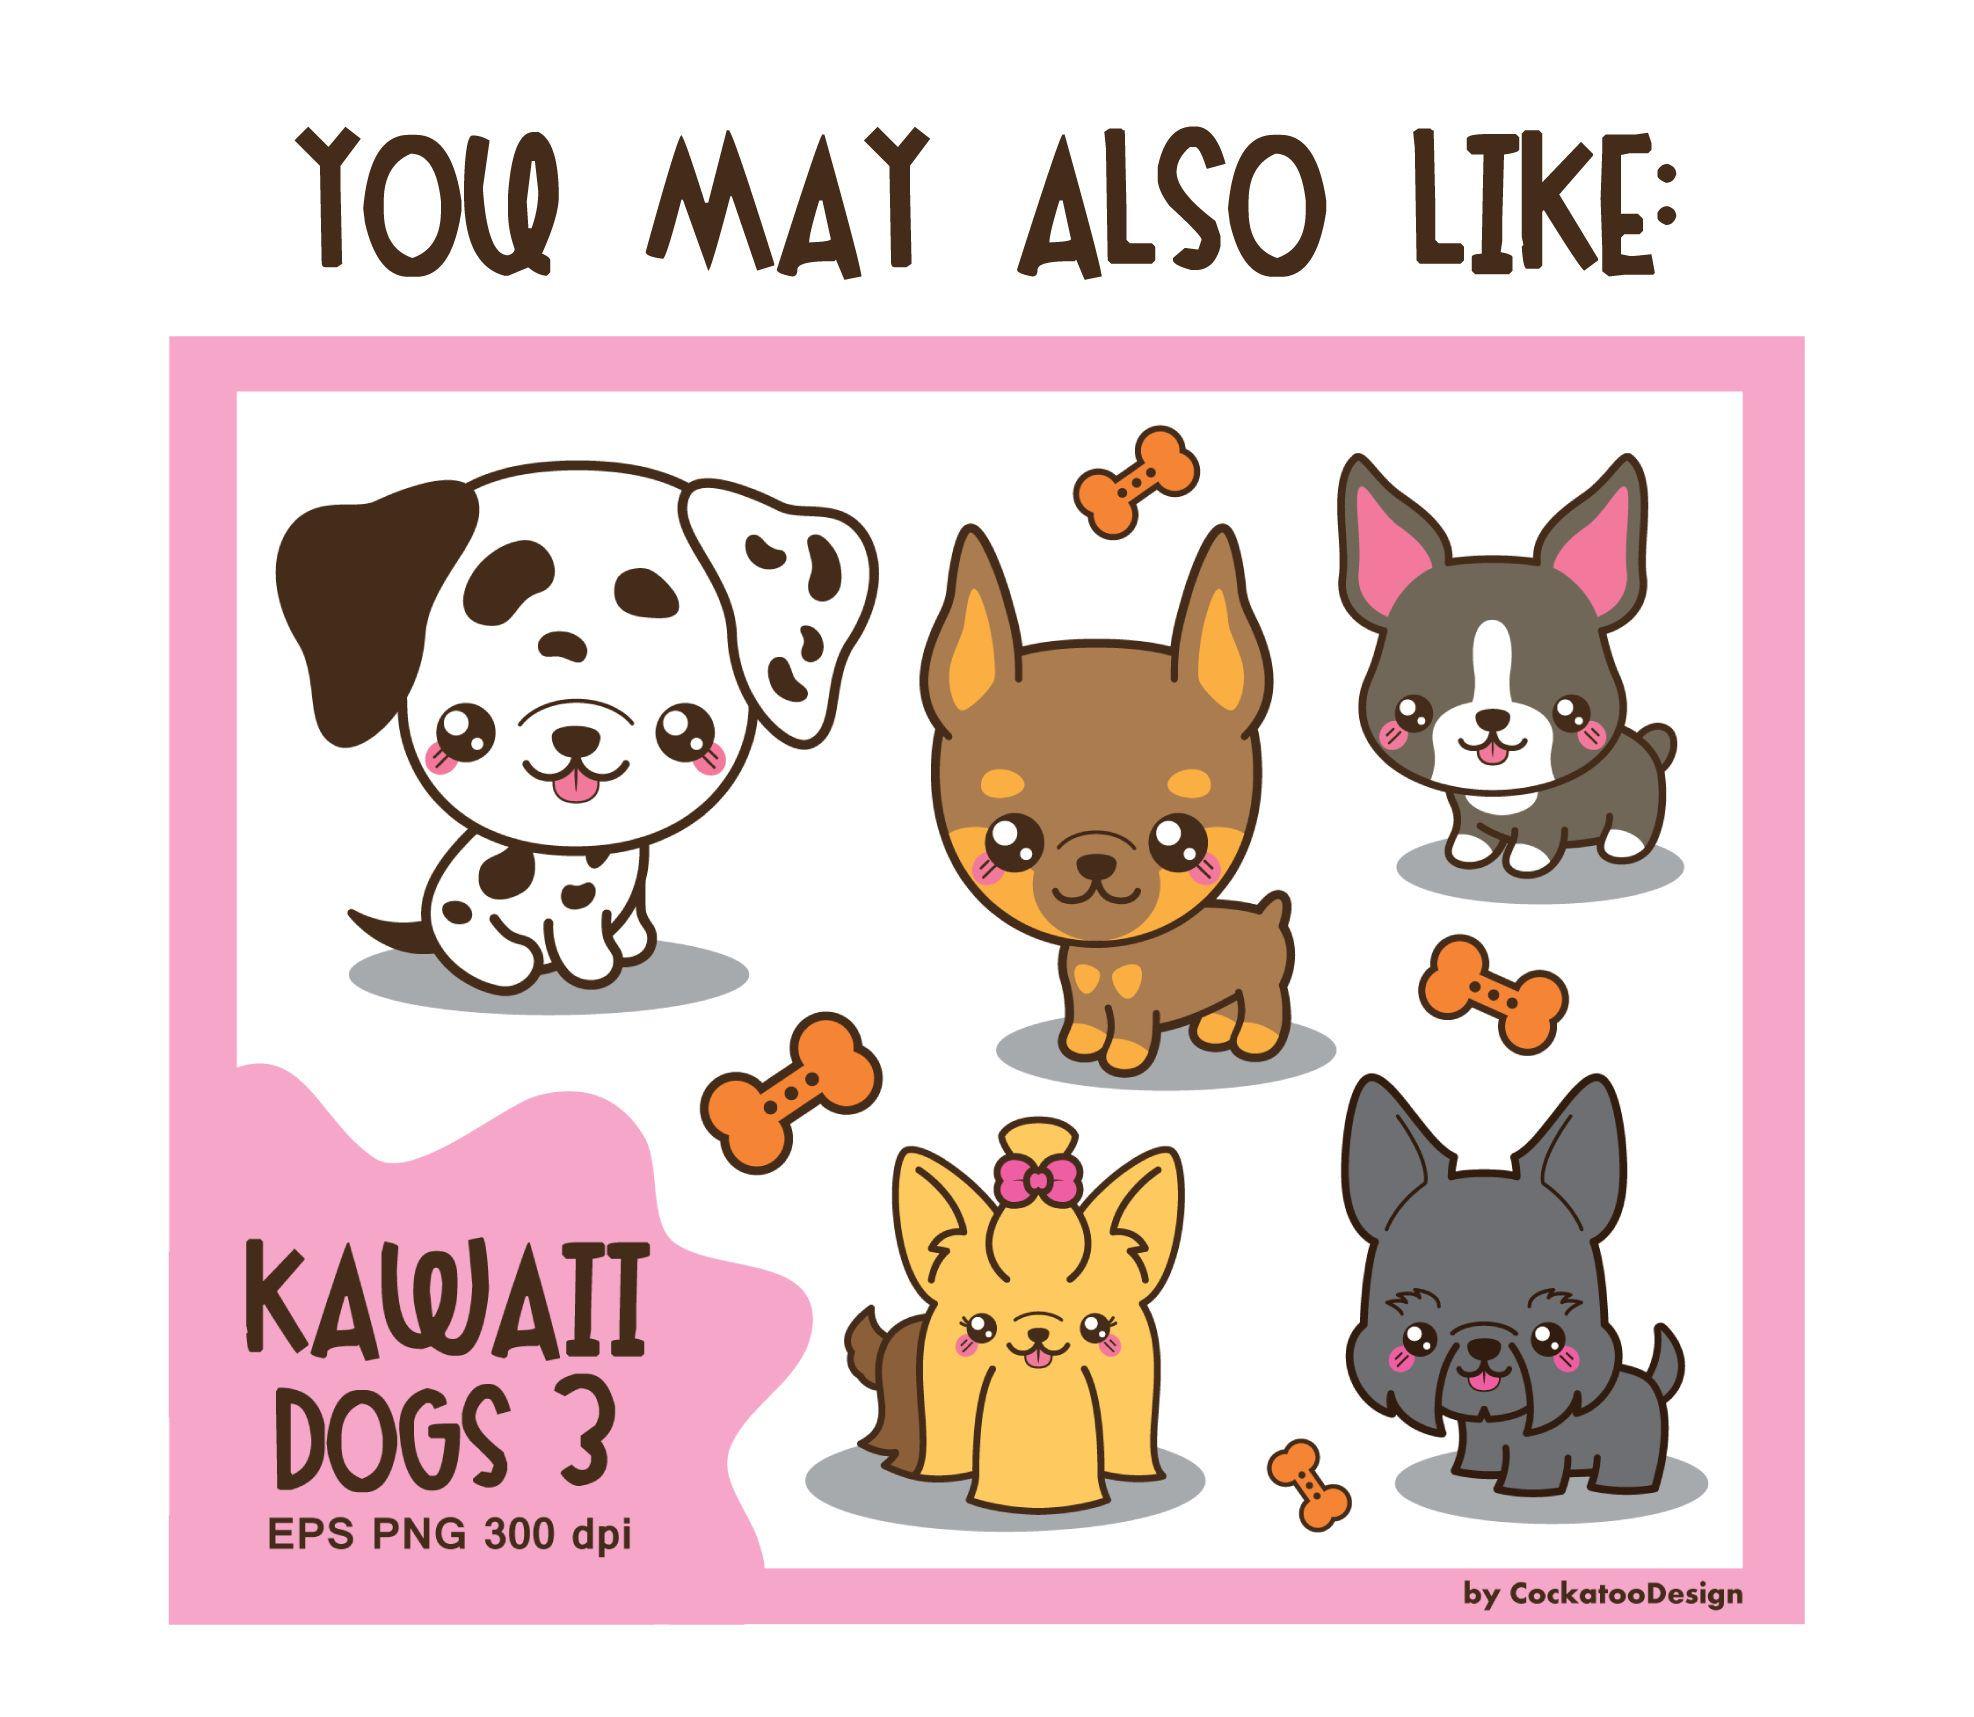 kawaii dog clipart cute dog clipart dog breeds clipart perros dibujos fuentes bonitas  [ 1974 x 1717 Pixel ]